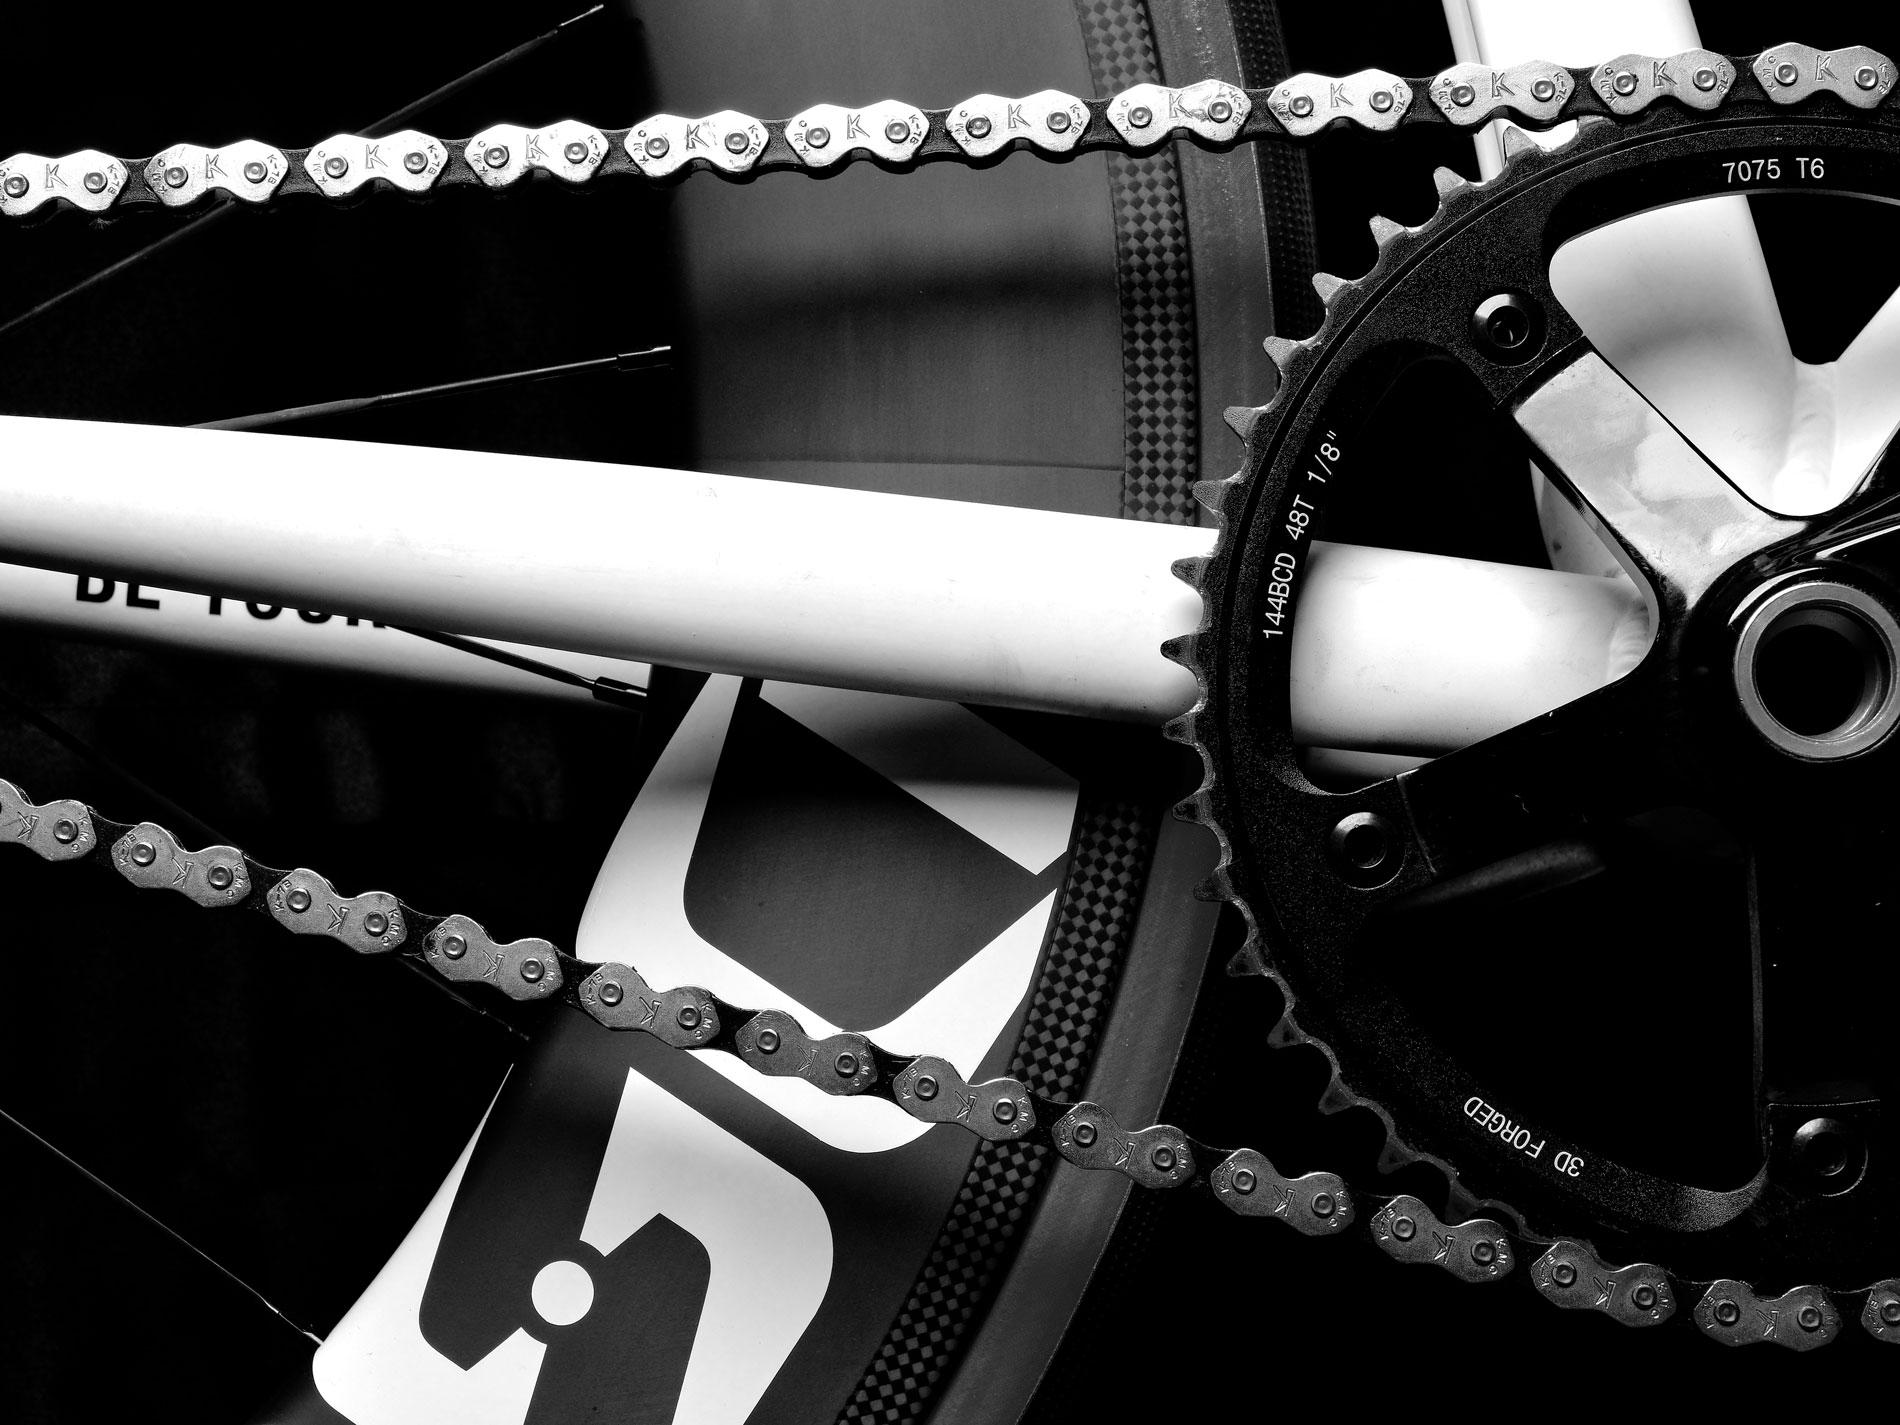 _4130062-Kingdom-DSD-Race-Bike.jpg